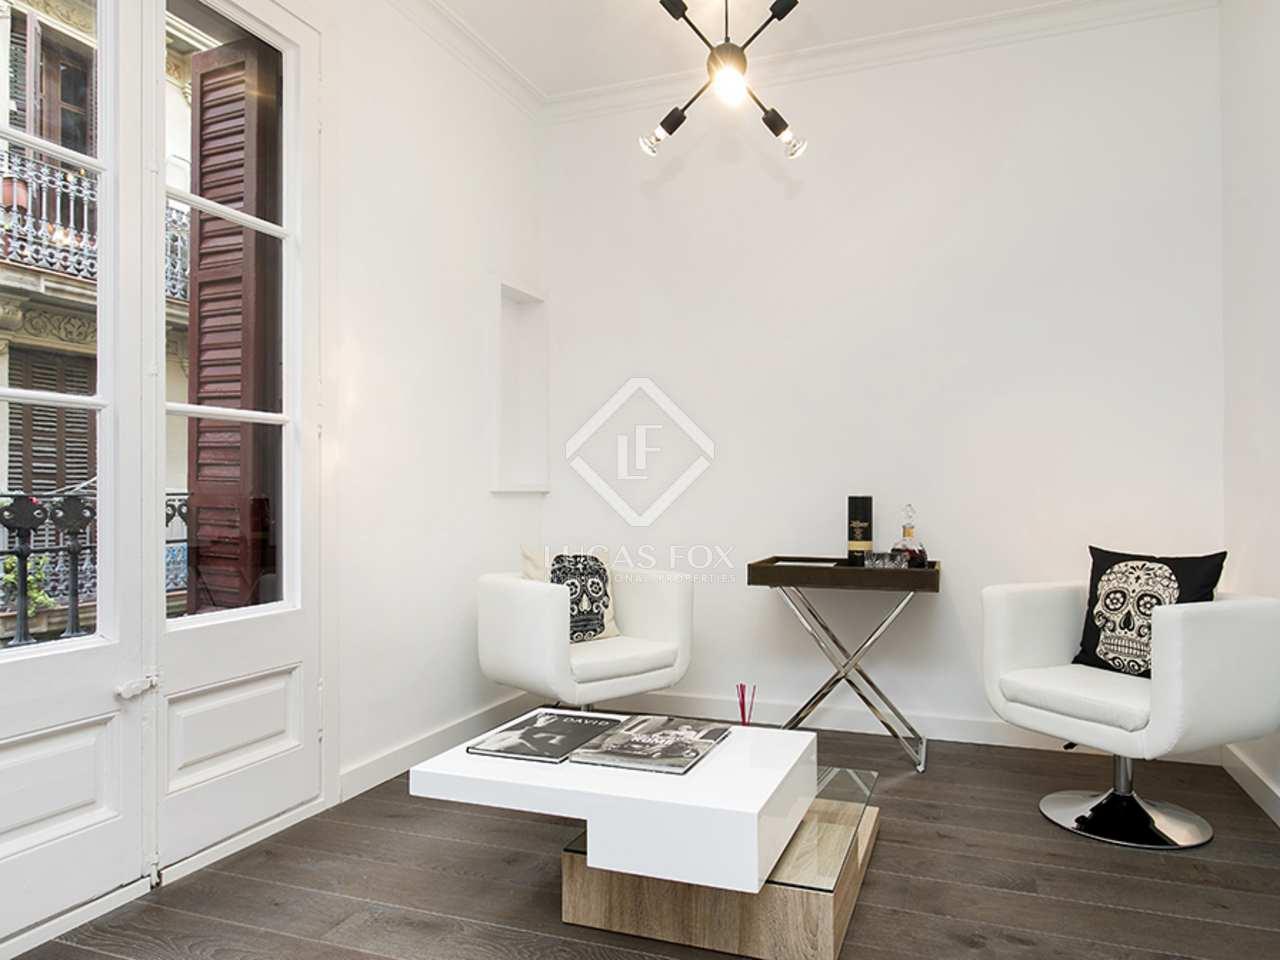 Appartement de 64m a vendre barceloneta barcelone - Acheter appartement a barcelone ...